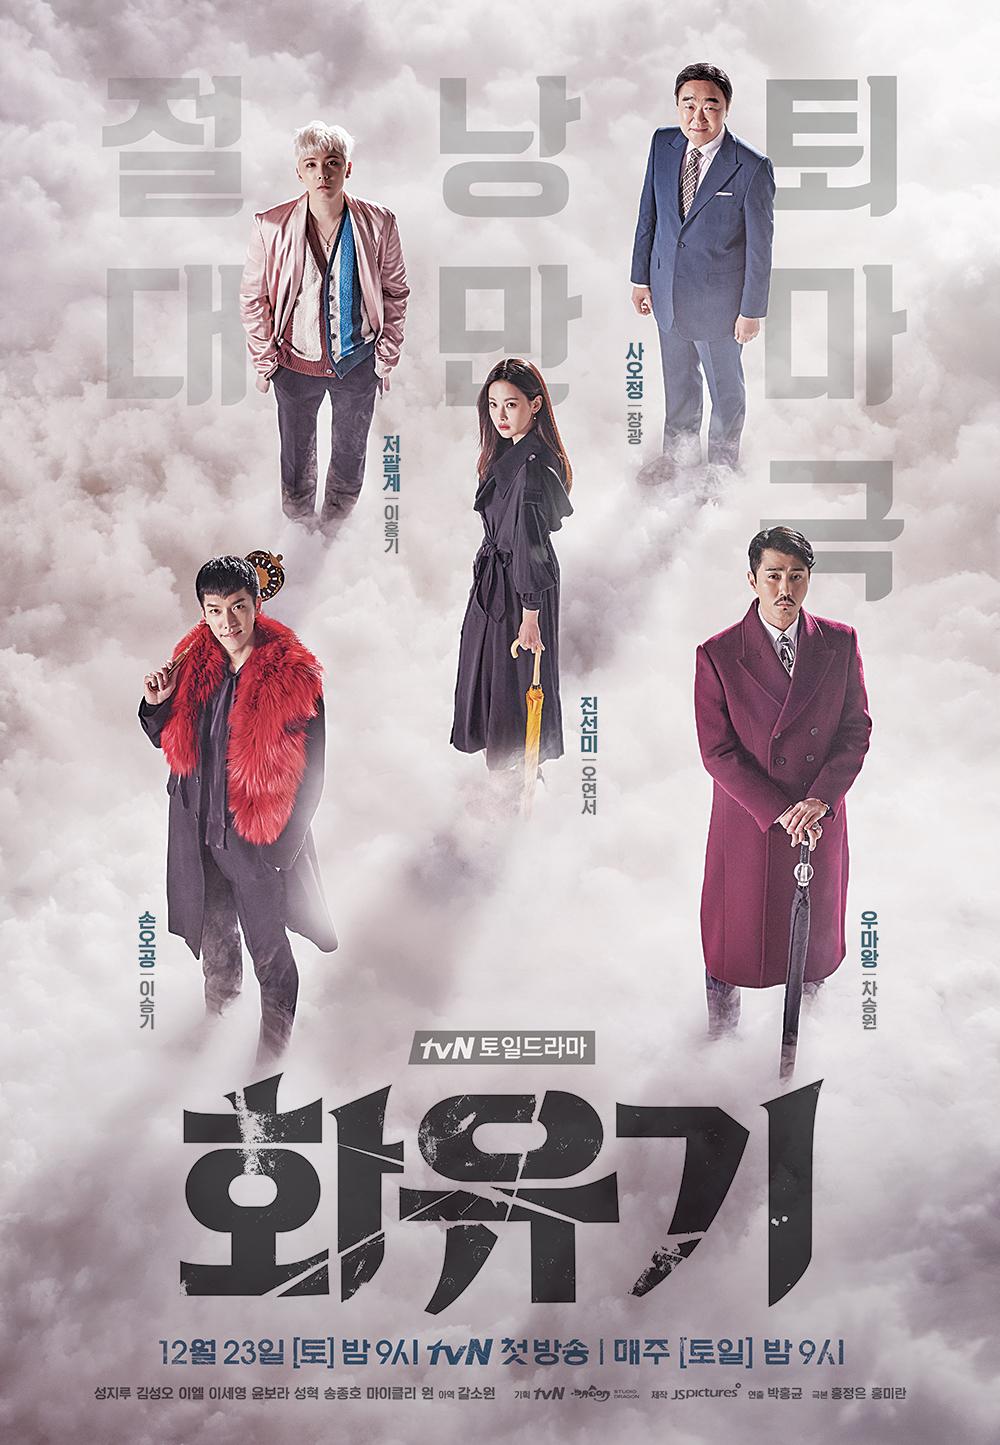 기대작 <화유기> 2종 포스터 전격 공개! '절대낭만 퇴마극' 맛보기